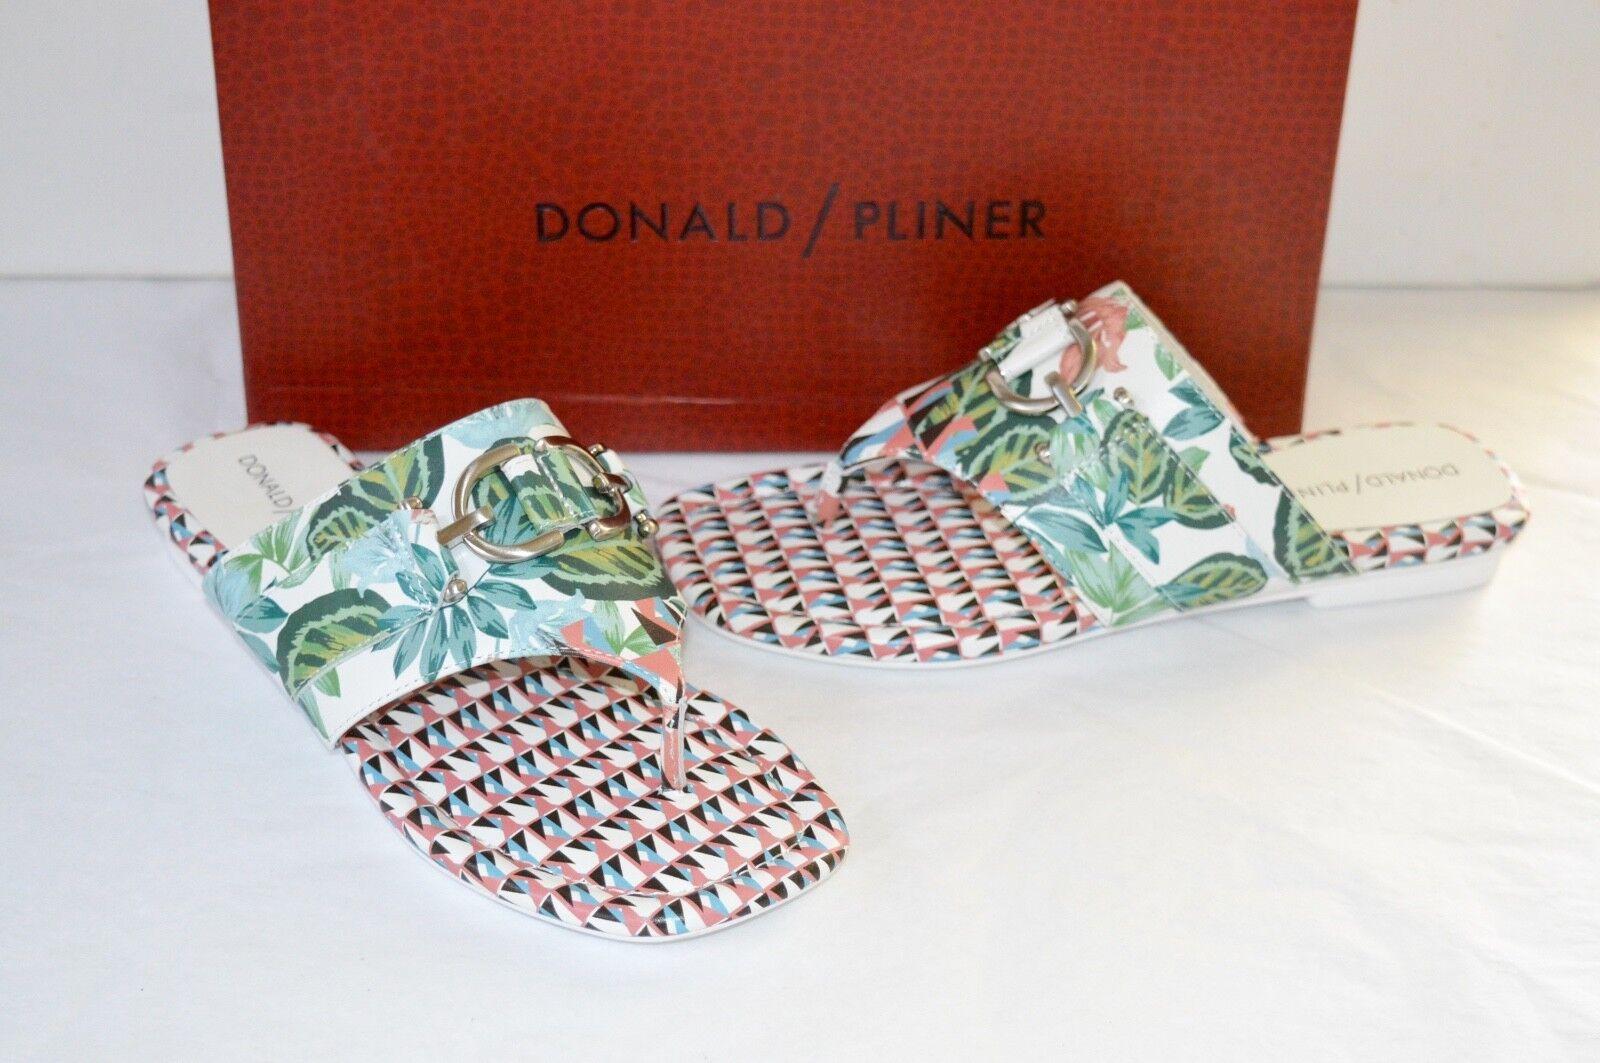 Ny  168 Donald J Pliner Kent vit Nappa läder Geo Jungle Print Thong Sandal